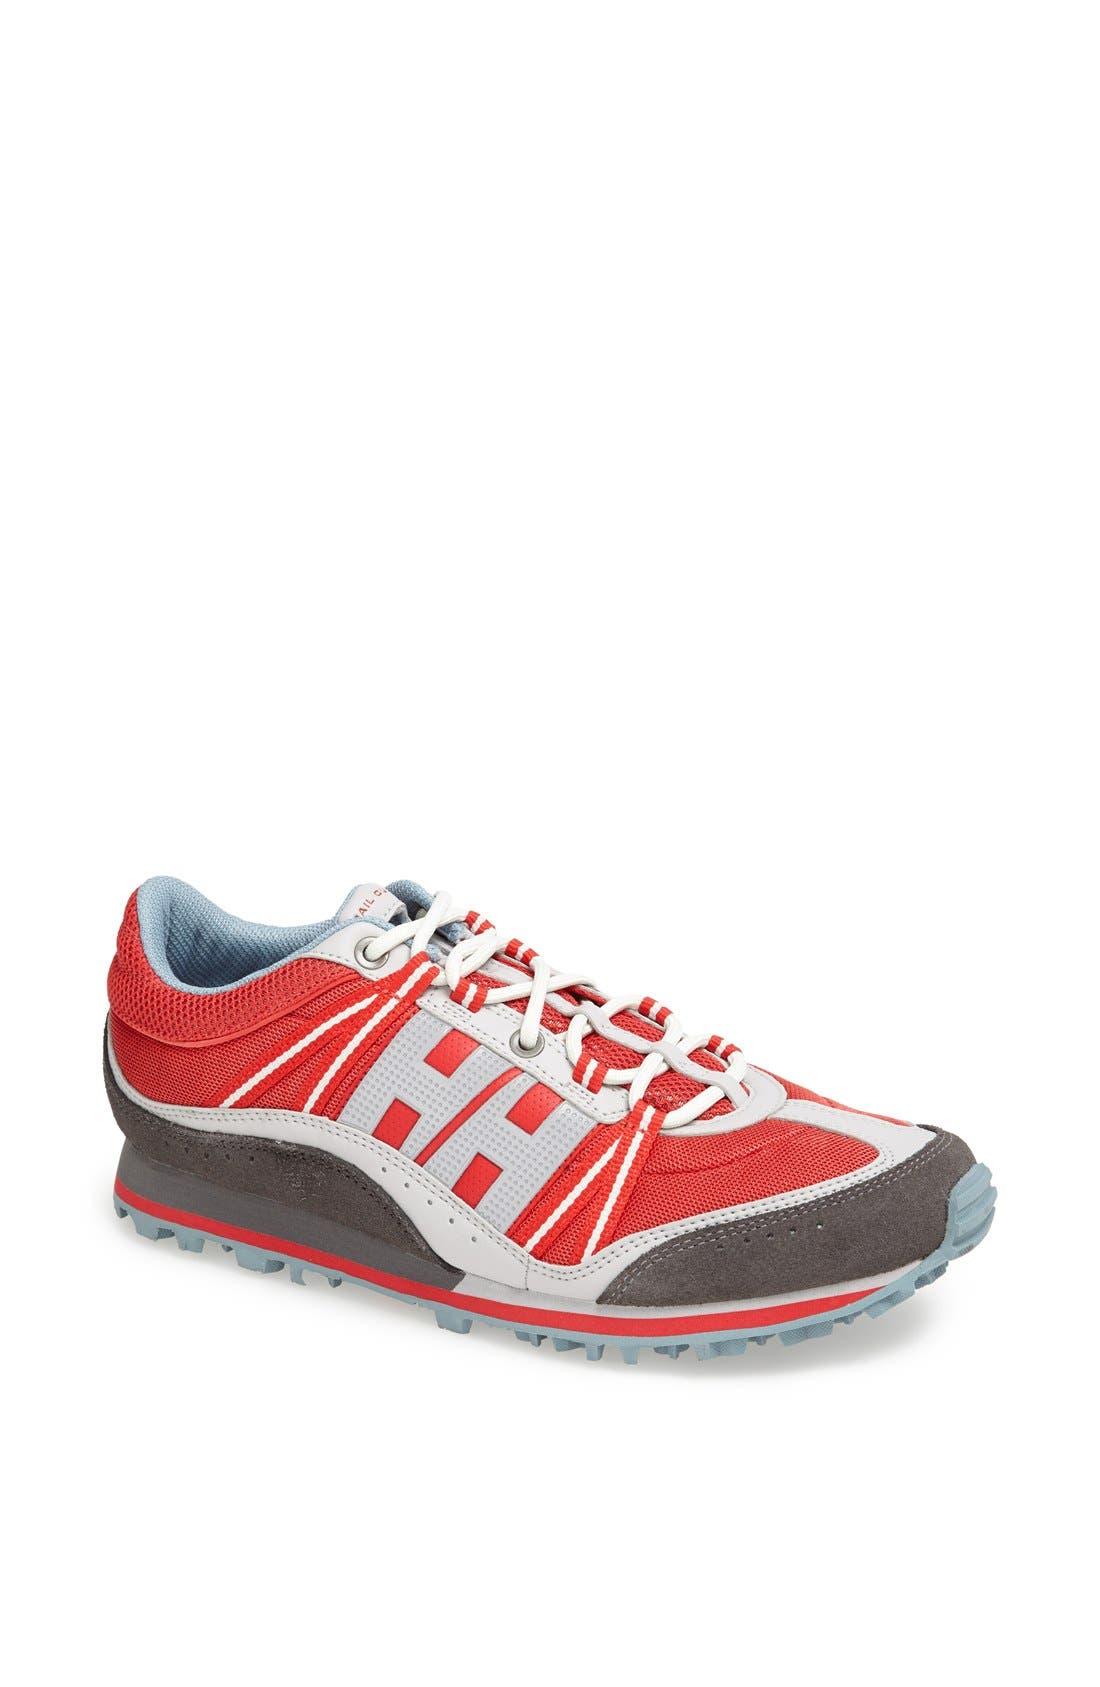 Main Image - Helly Hansen 'Trail Cutter 5' Running Shoe (Women)